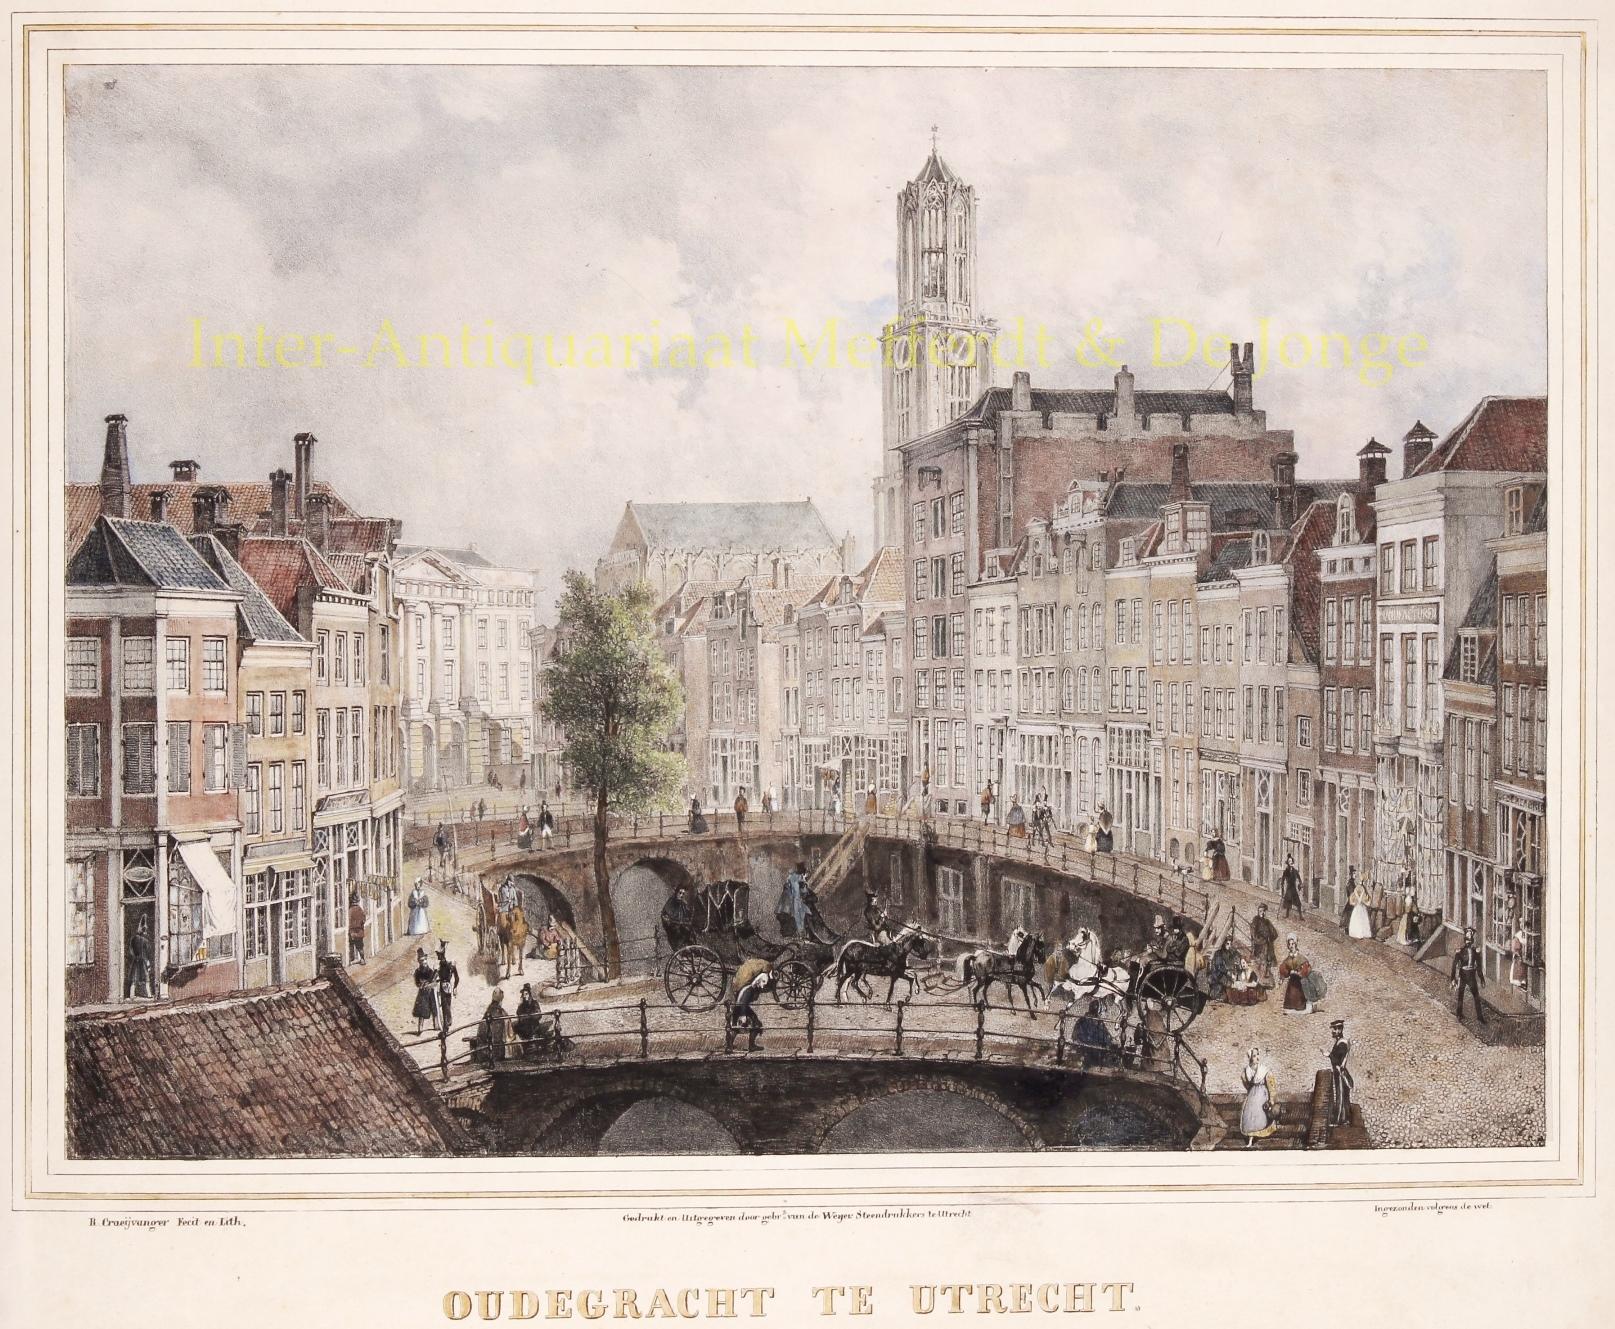 Oude Botanische Prenten : Utrecht oudegracht antieke prent lithografieutrecht oudegracht